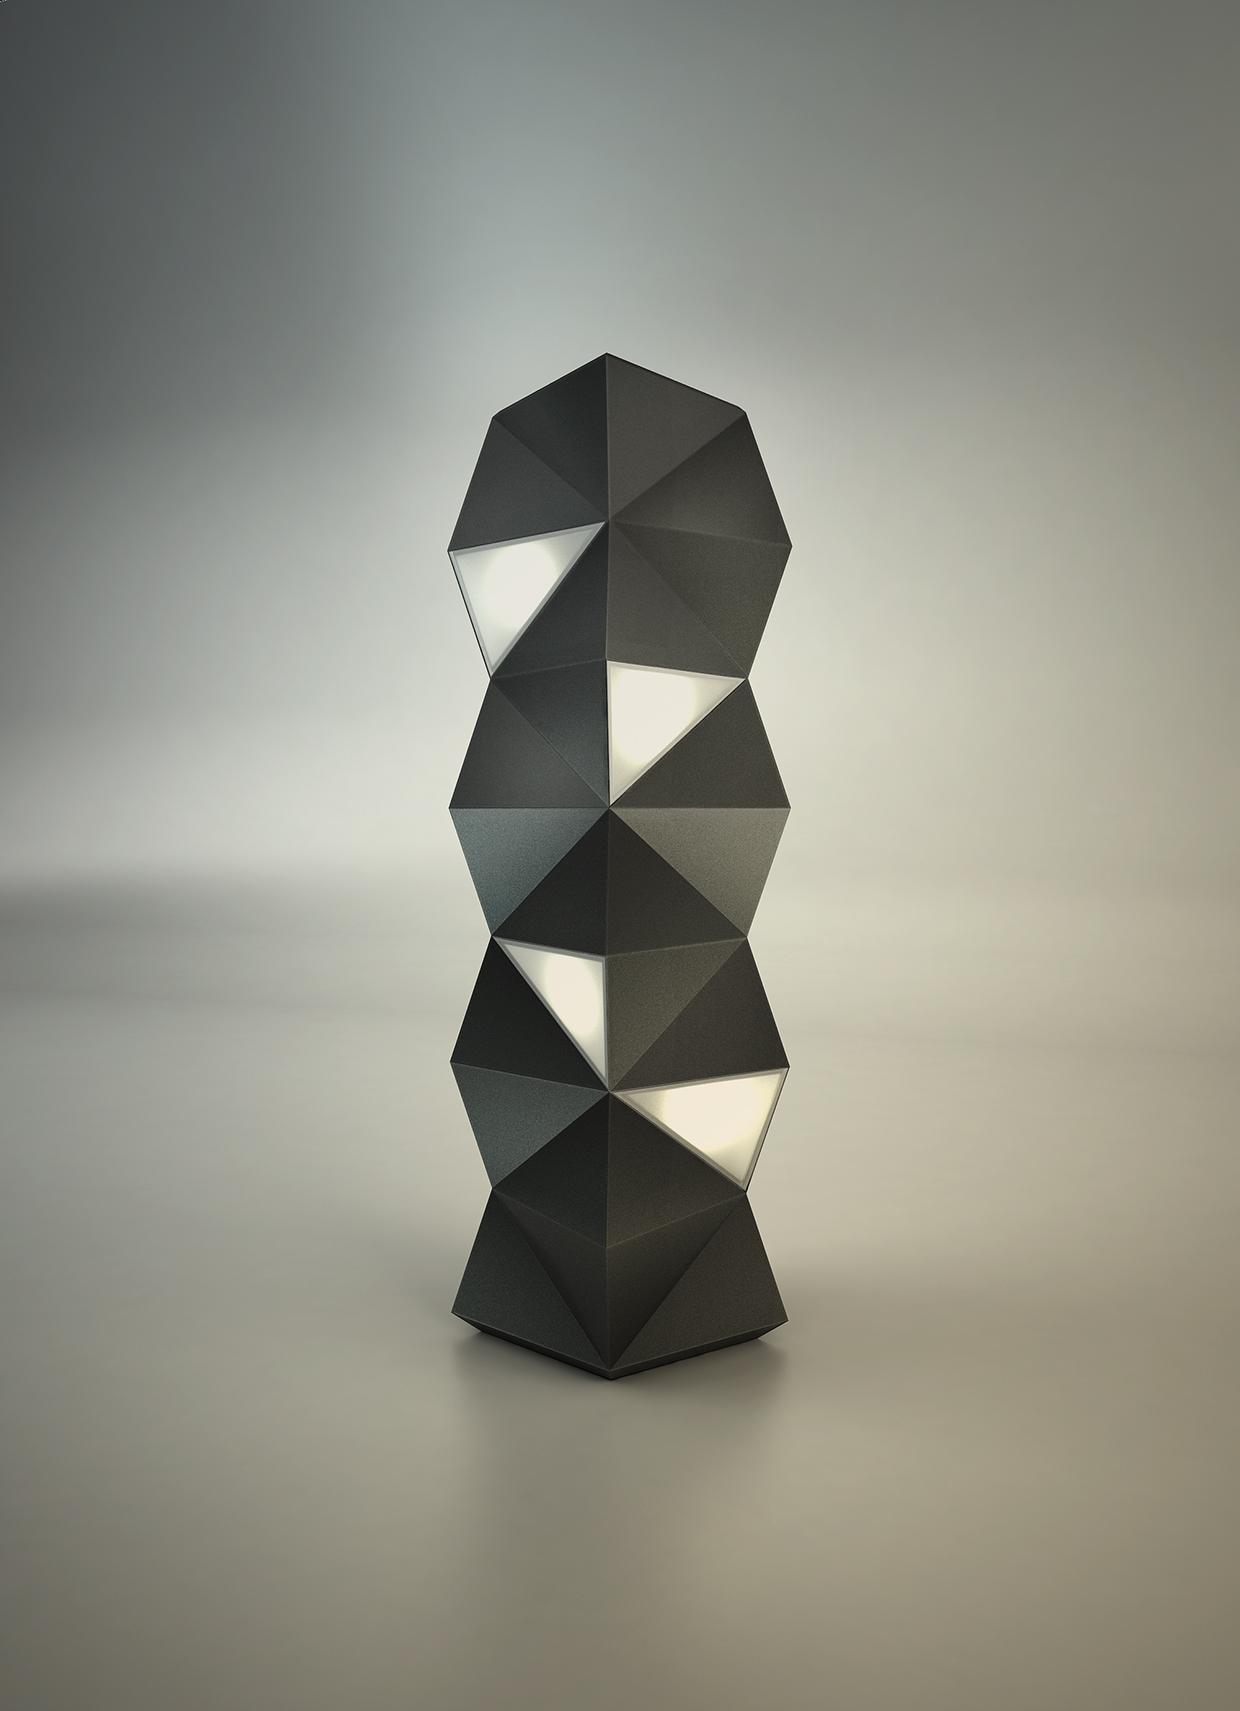 7-Dripmoon-archvis-graphiste3D-design-produits-images-3D-luminaires-toshiba-Noctabene-origami